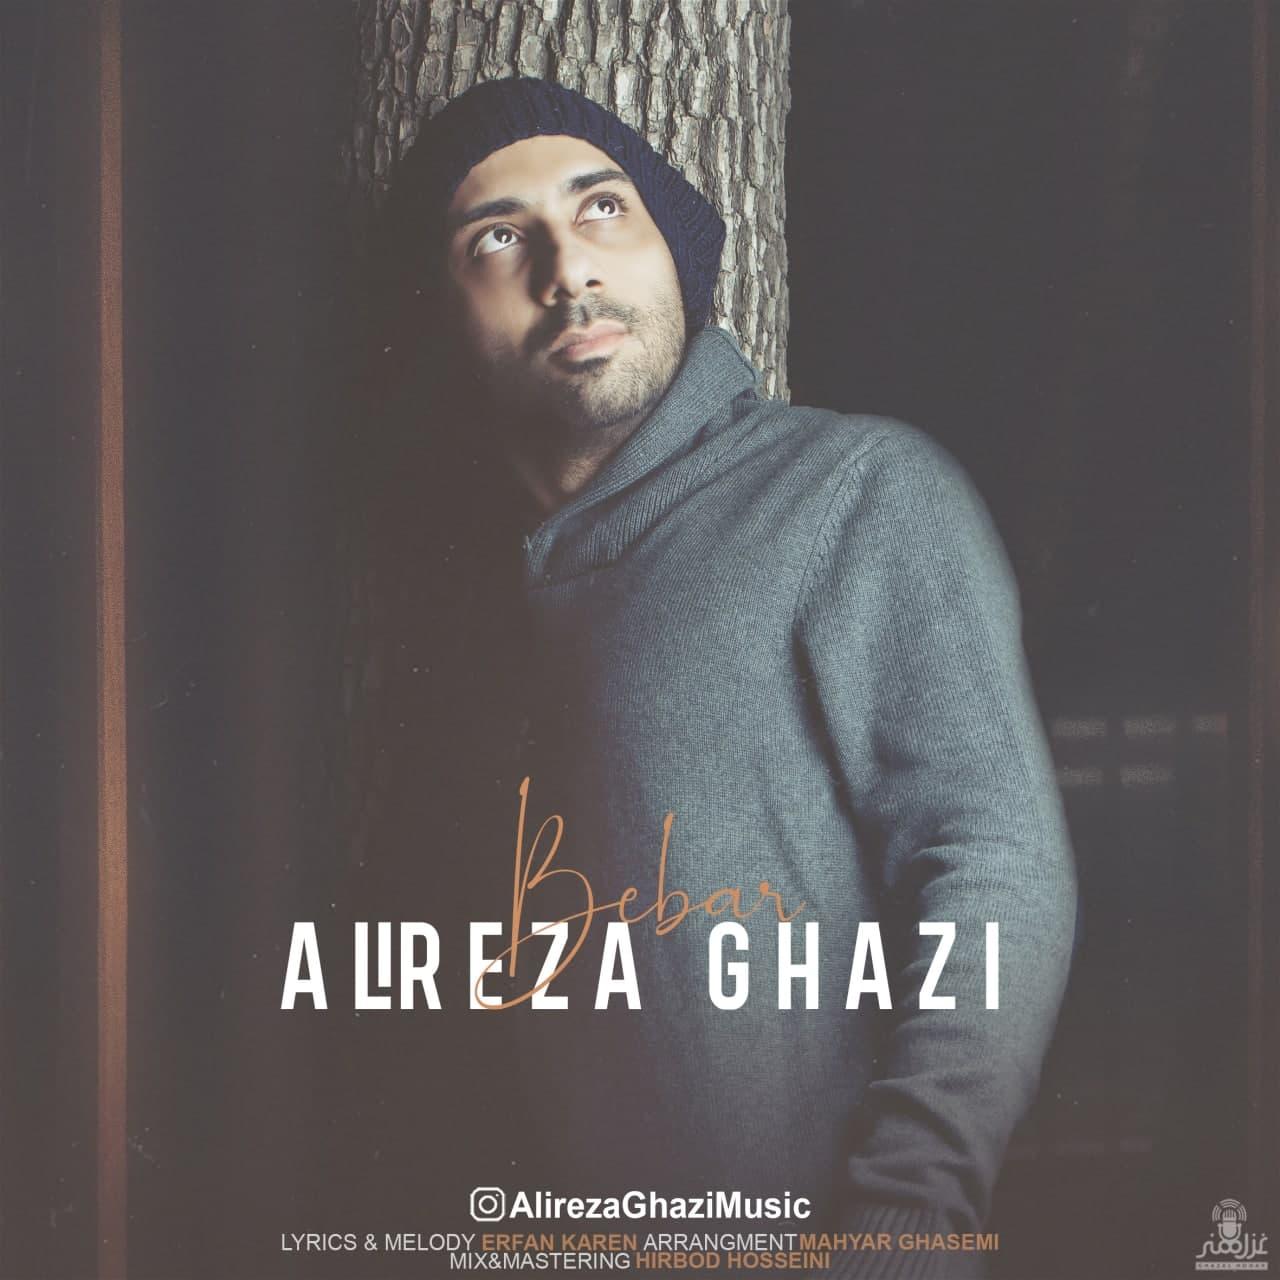 Alireza Ghazi – Bebar